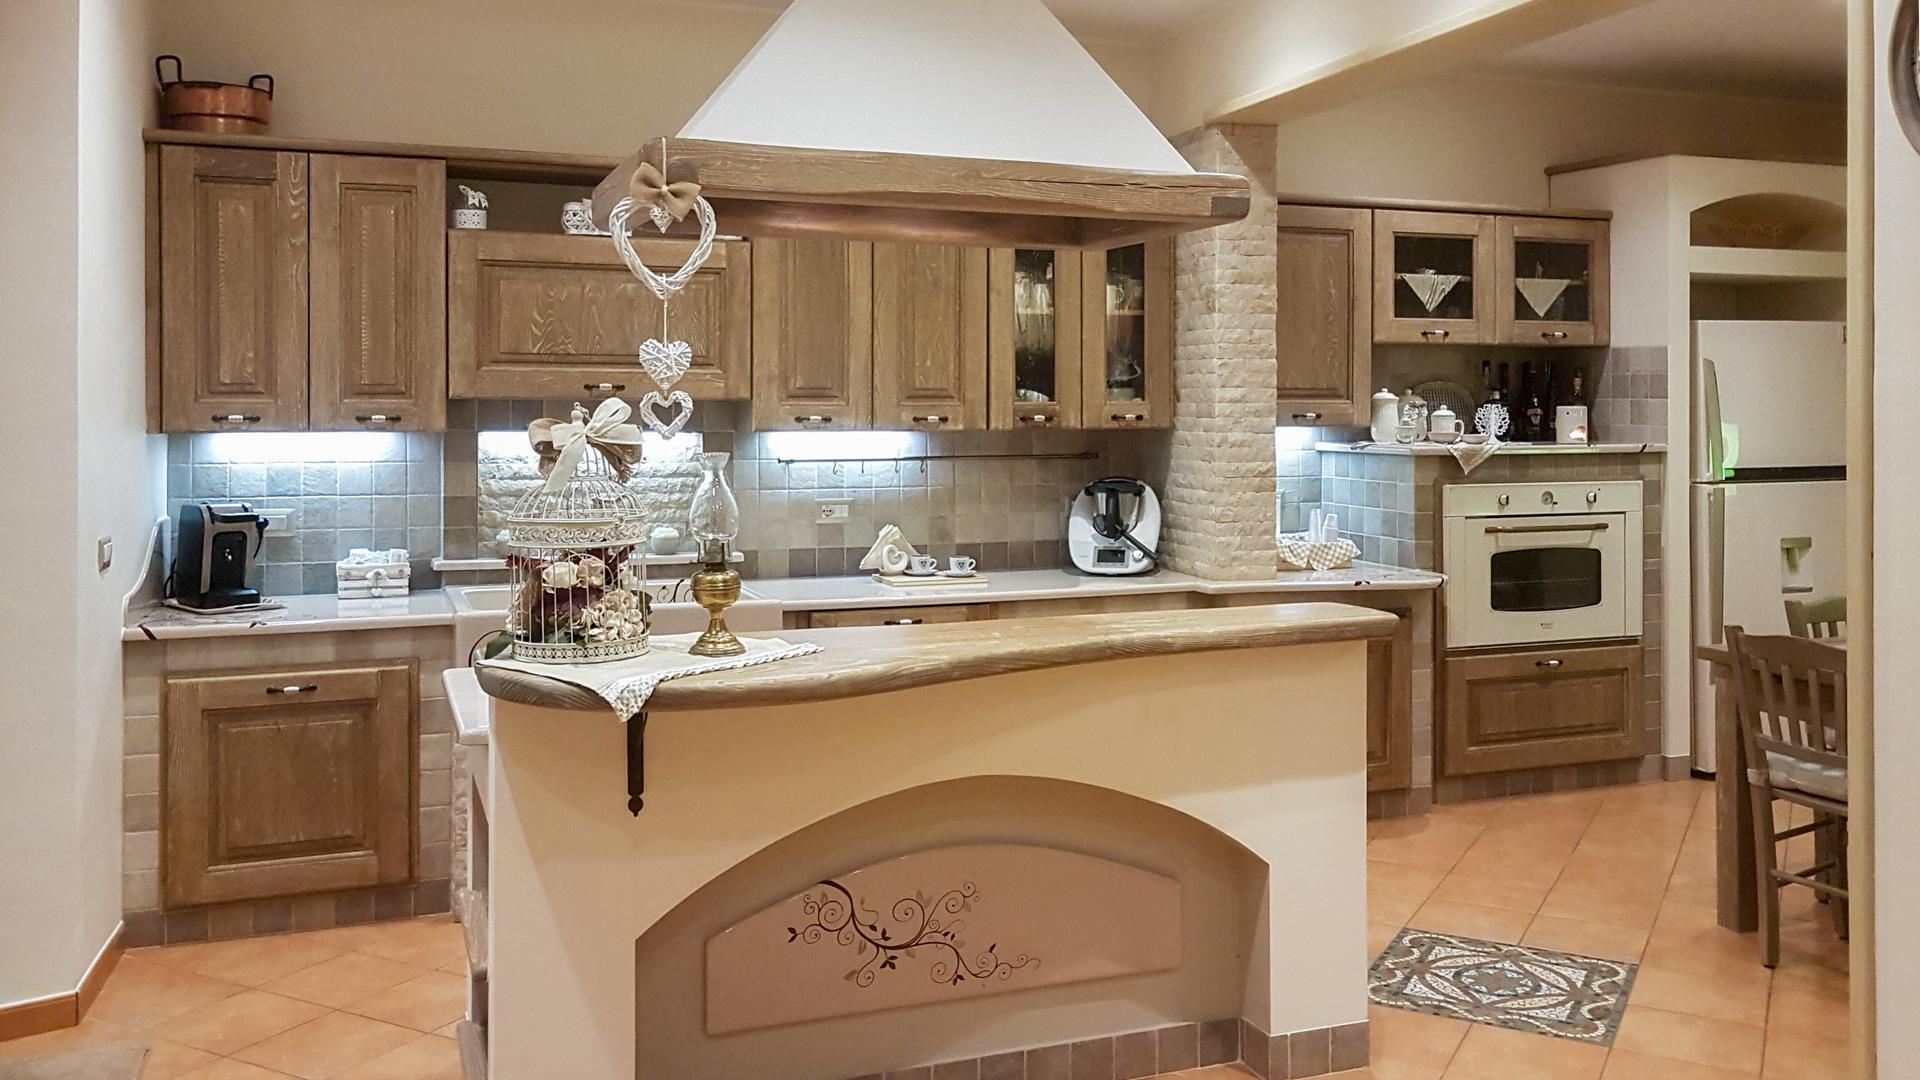 Arredo Bagno Romagna cucina emilia romagna: realizziamo cucine su misura